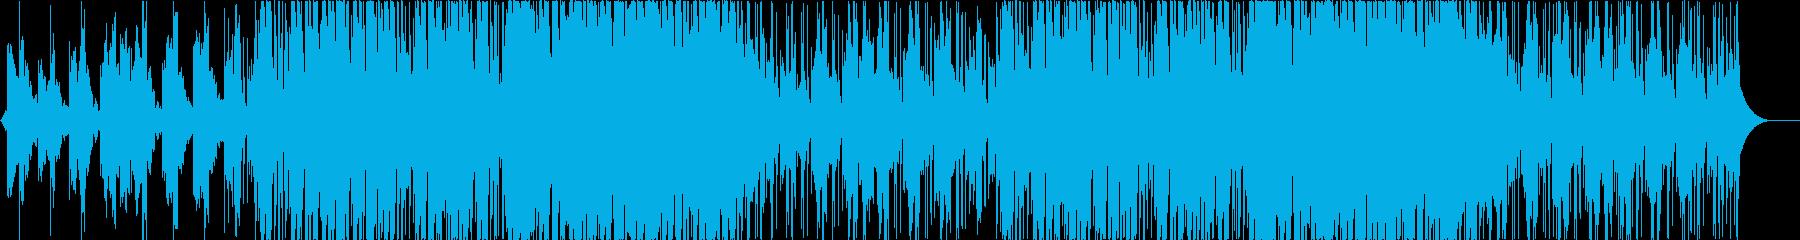 ほのぼのサマー夏の日_Vo Longの再生済みの波形